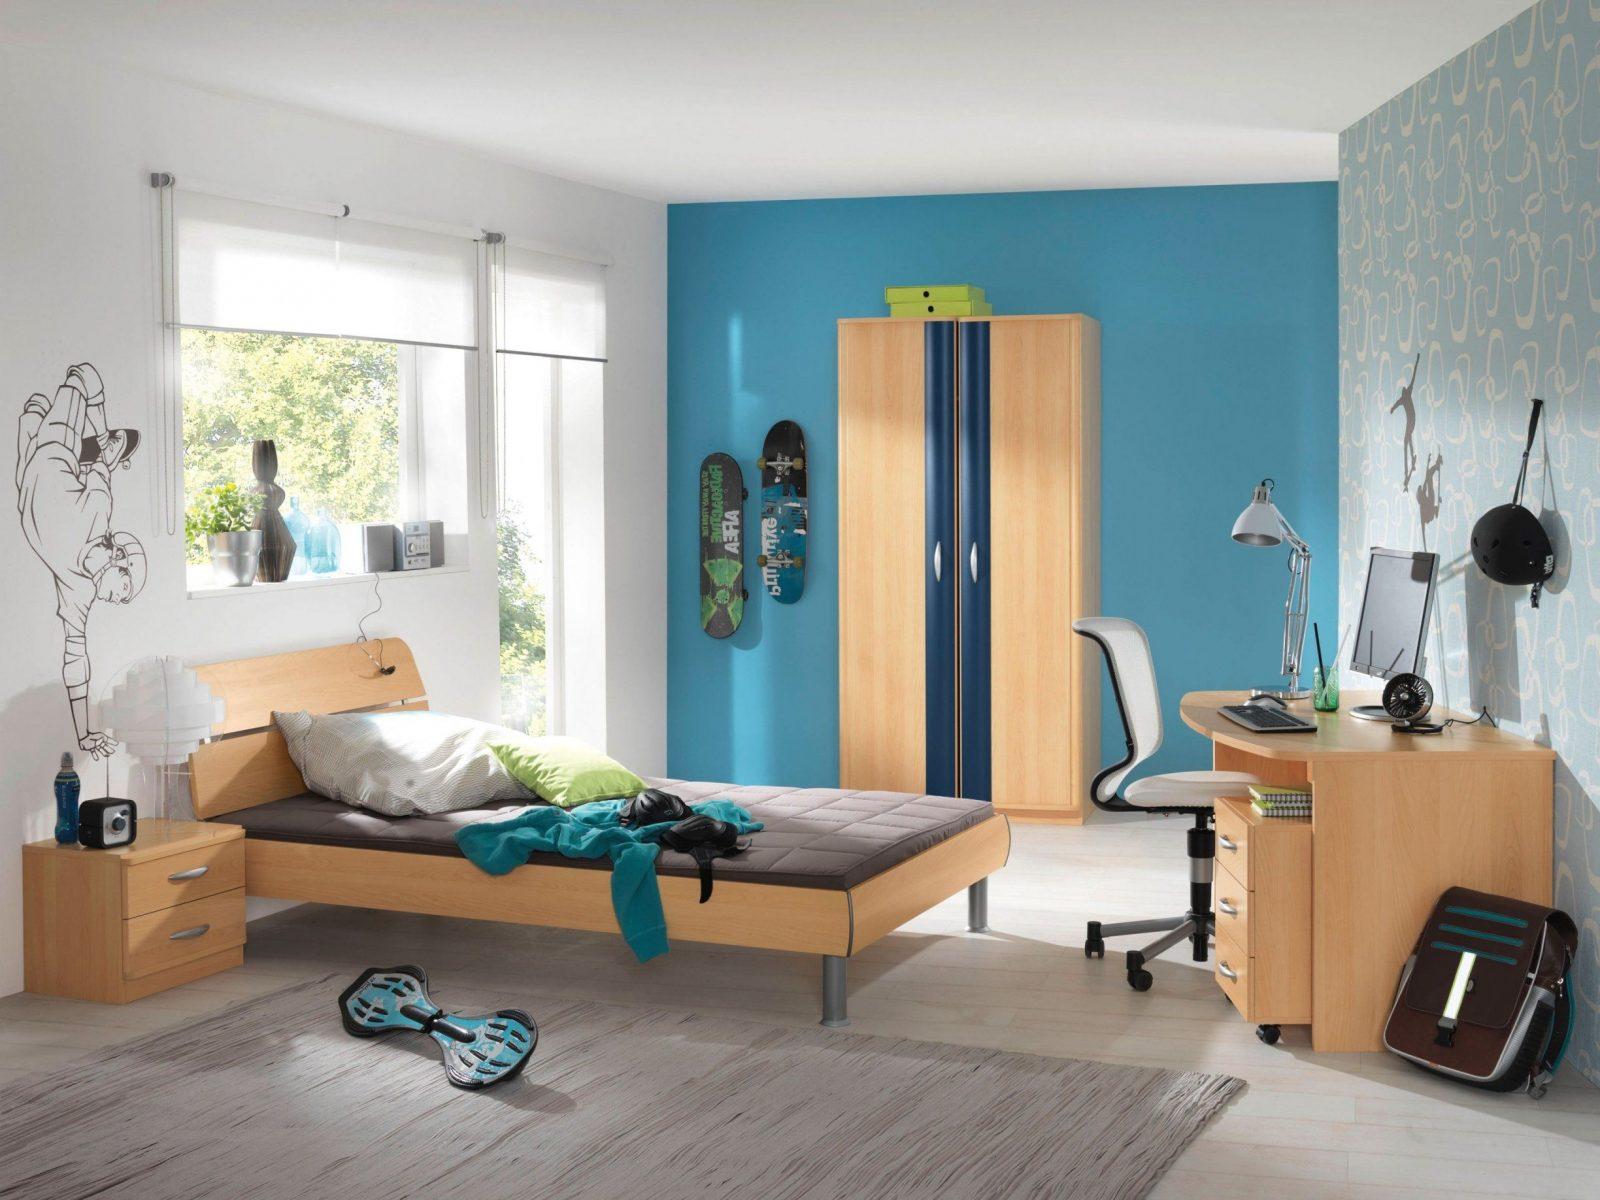 GroBartig Jugendzimmer Jungen Wandgestaltung Mit Gut Blau Komplett Von Jugendzimmer Wände  Gestalten Ideen Photo